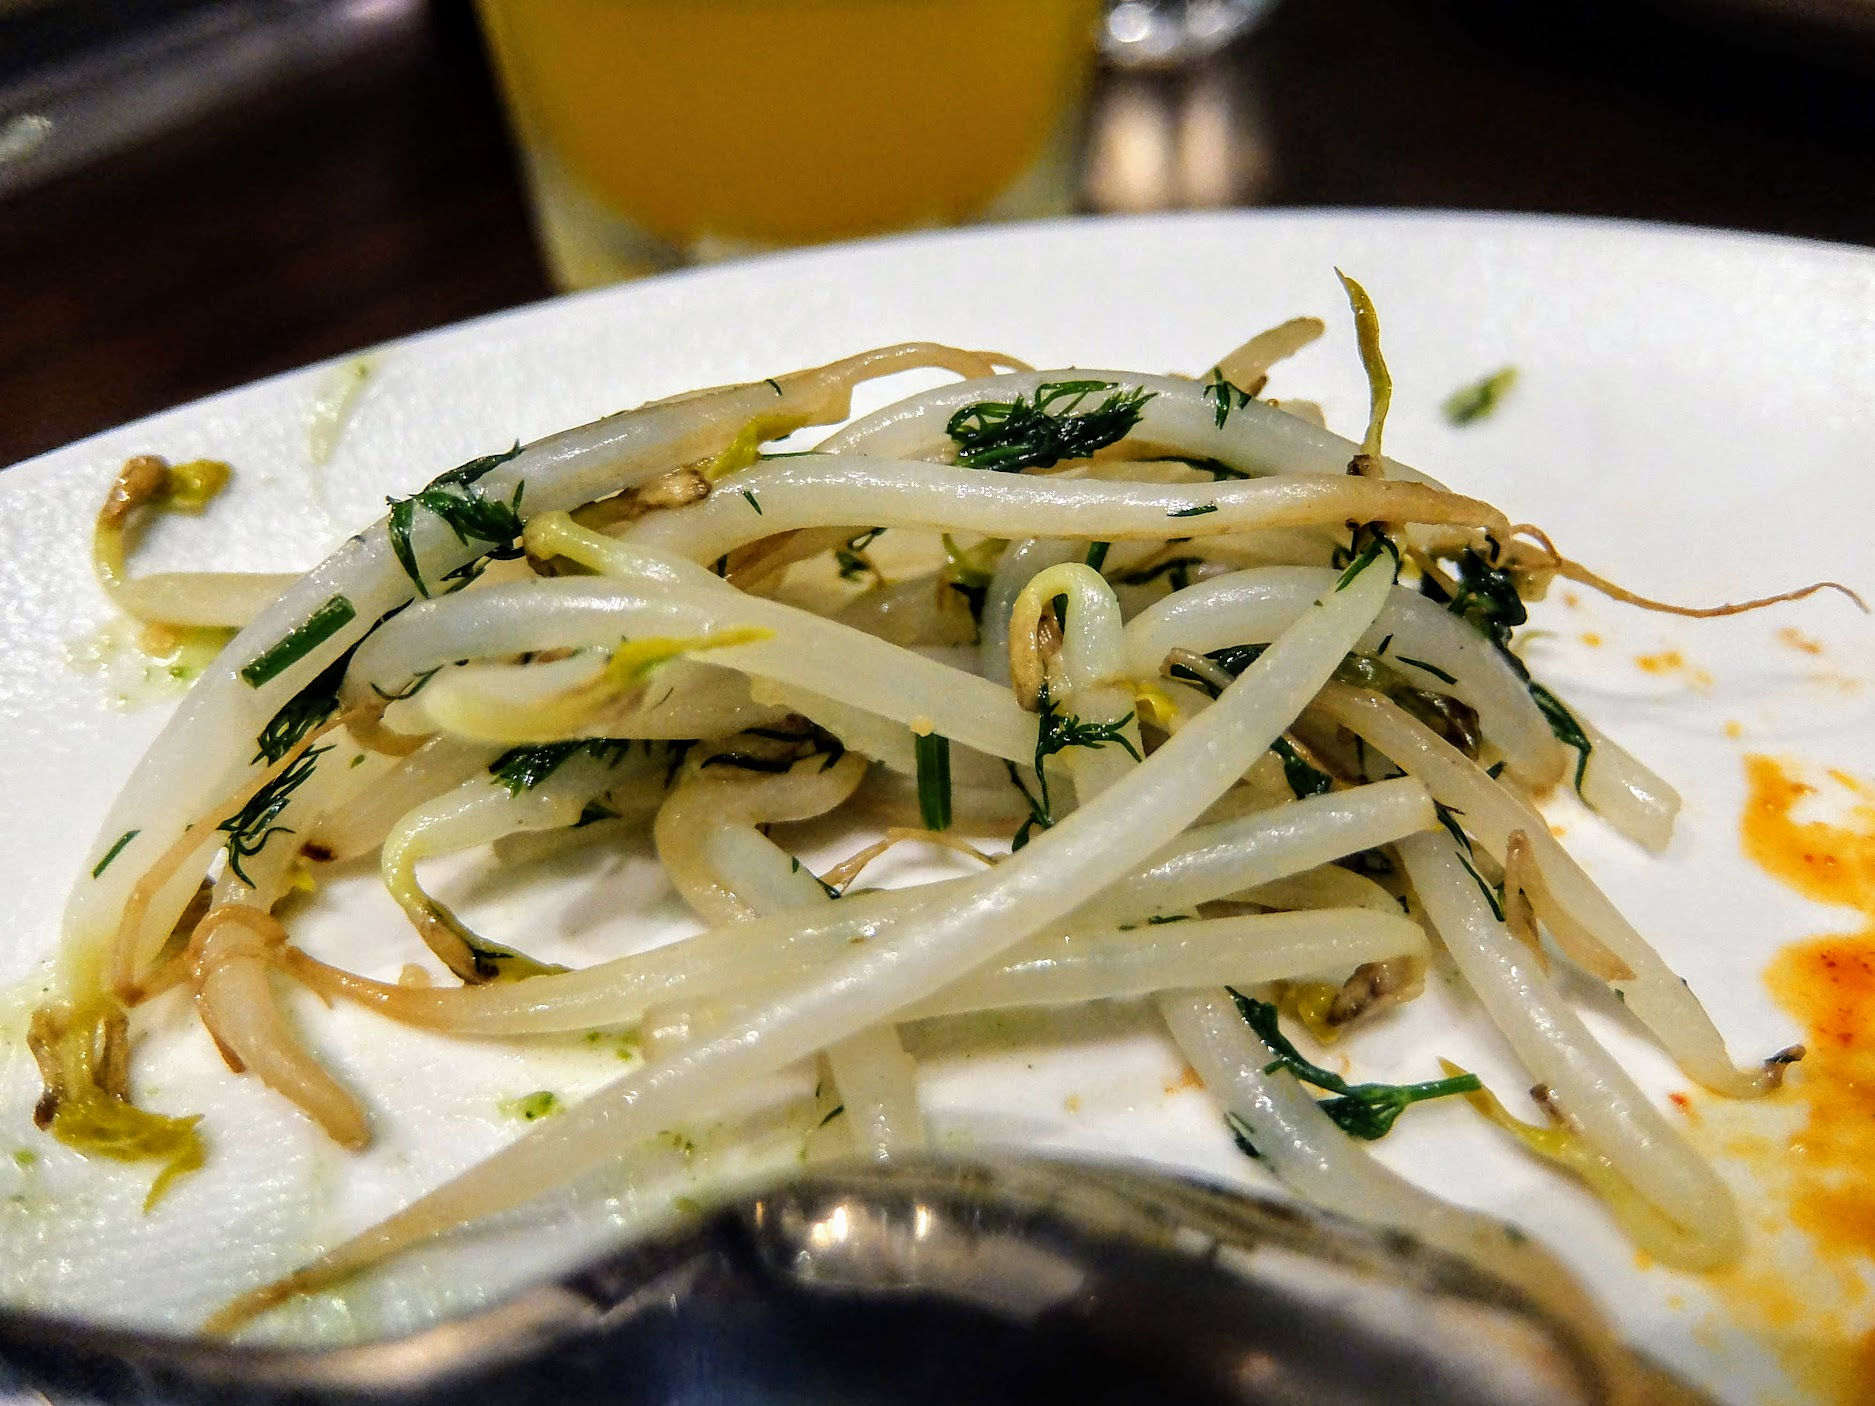 豆芽菜,是說在這種店吃到豆芽菜還蠻....不同的,感覺是熱炒店才會出的菜,但味道還不錯